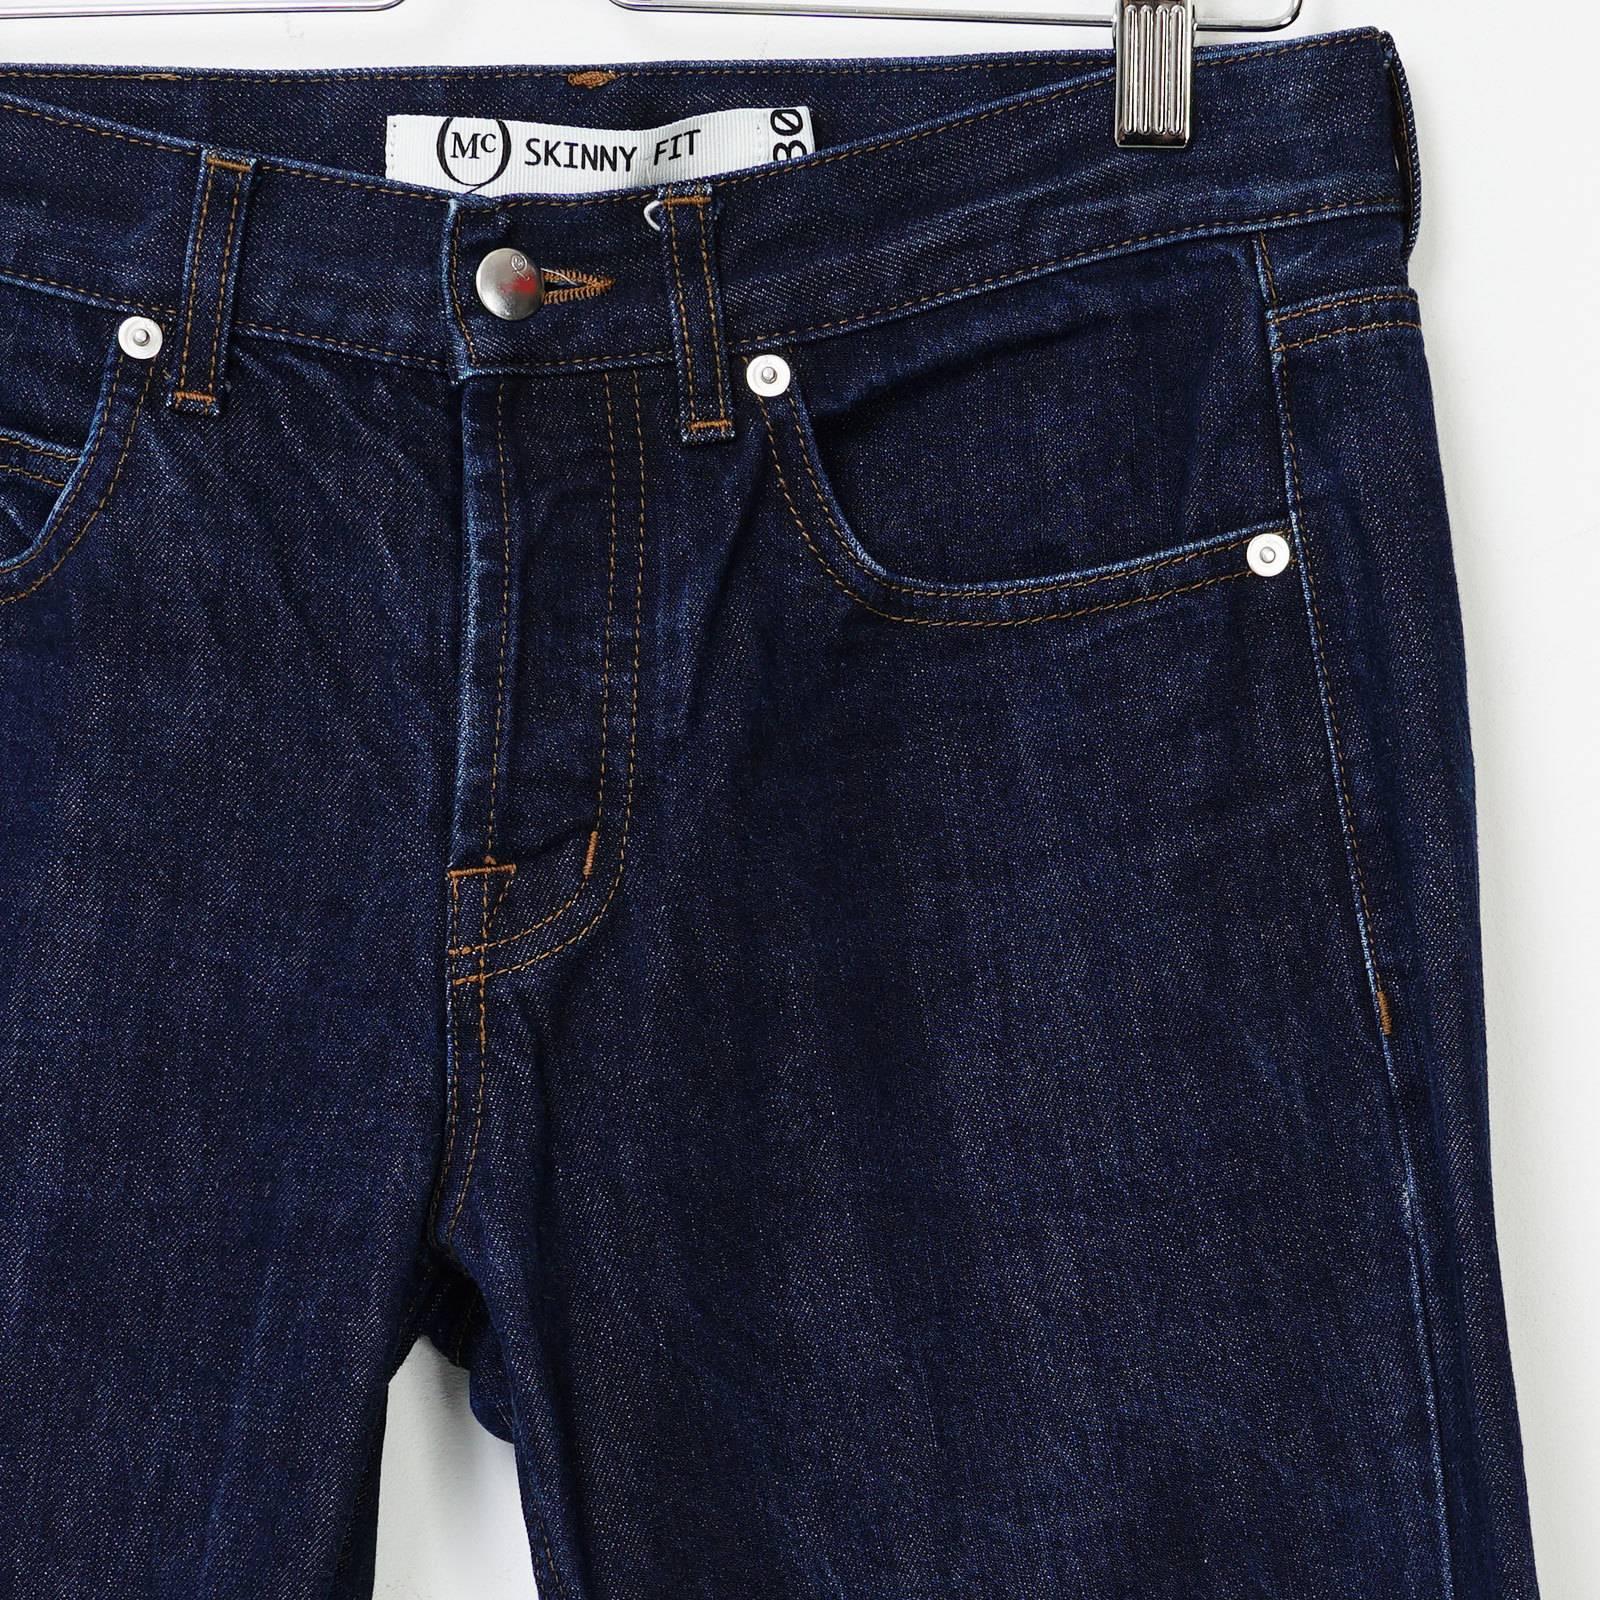 631188bd0db Купить джинсы McQ by Alexander McQueen в Москве с доставкой по цене ...